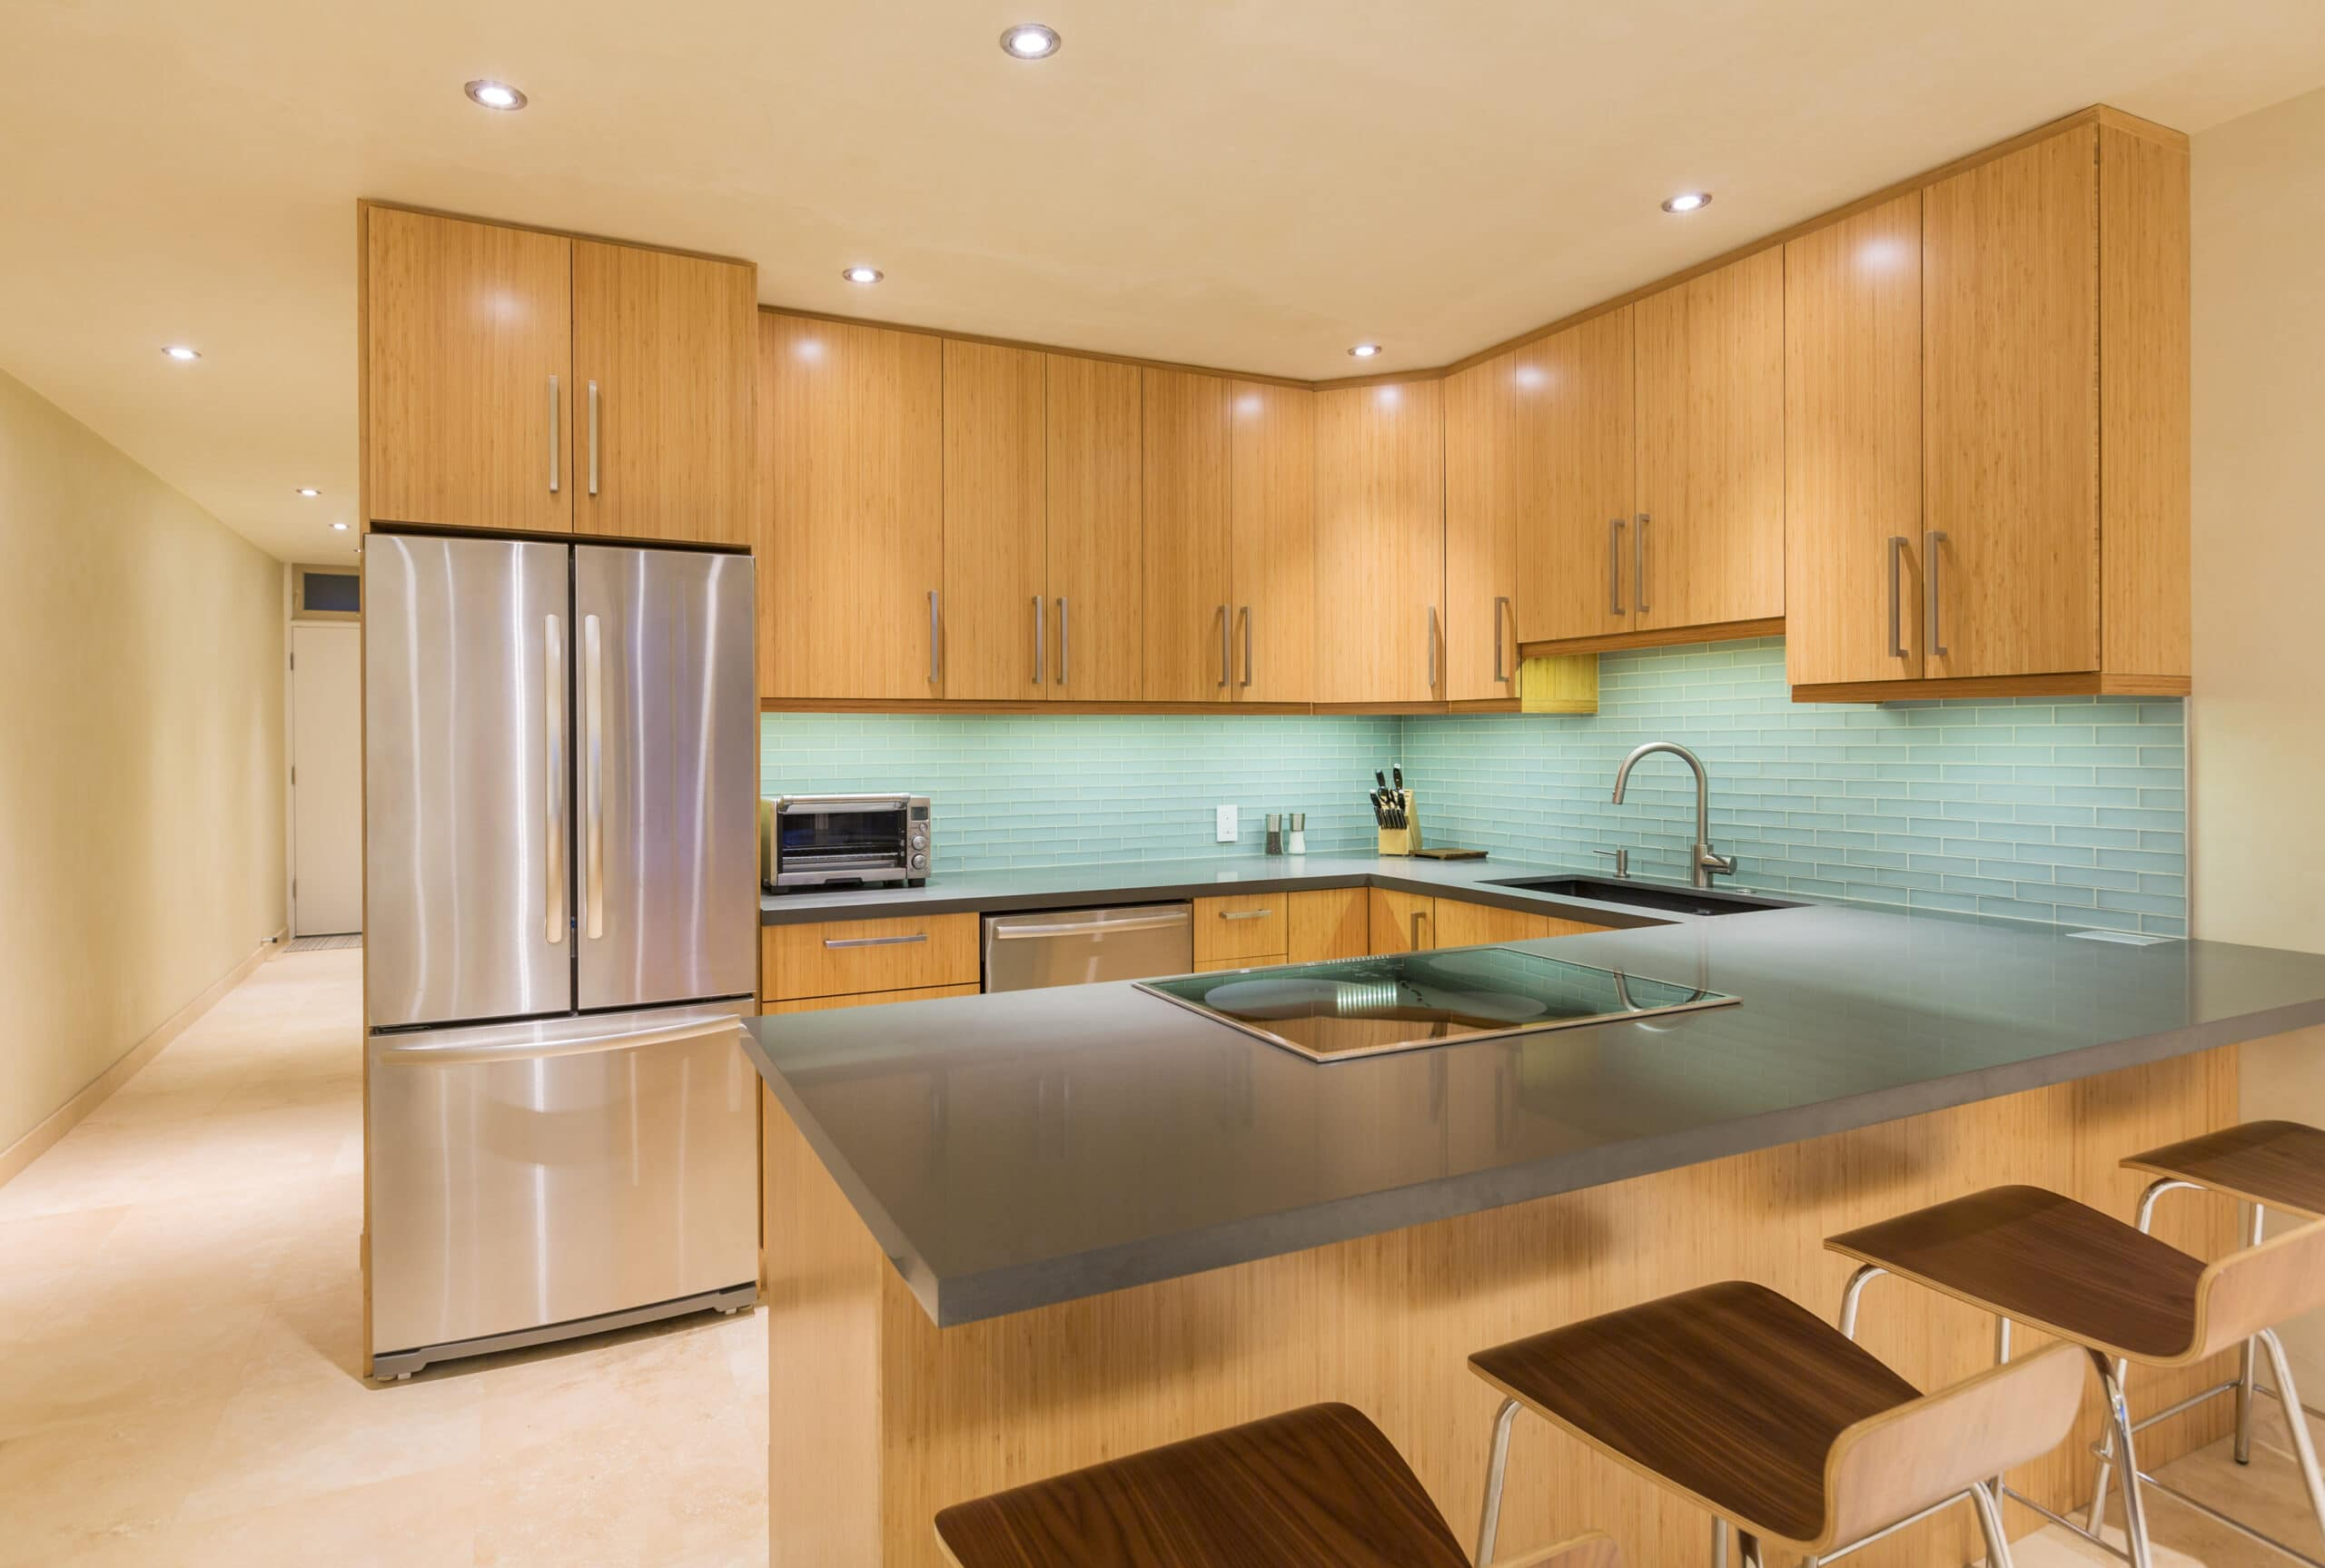 עיצוב מטבחים בהתאמהמכירת אקססורי למטבחים אמינים עם אדיבות ושירות מהיר ומומחים להקמת אי במטבח מכל חומר תוך כדי חיבור הכיריים החשמליים ובדיקת תקינותם